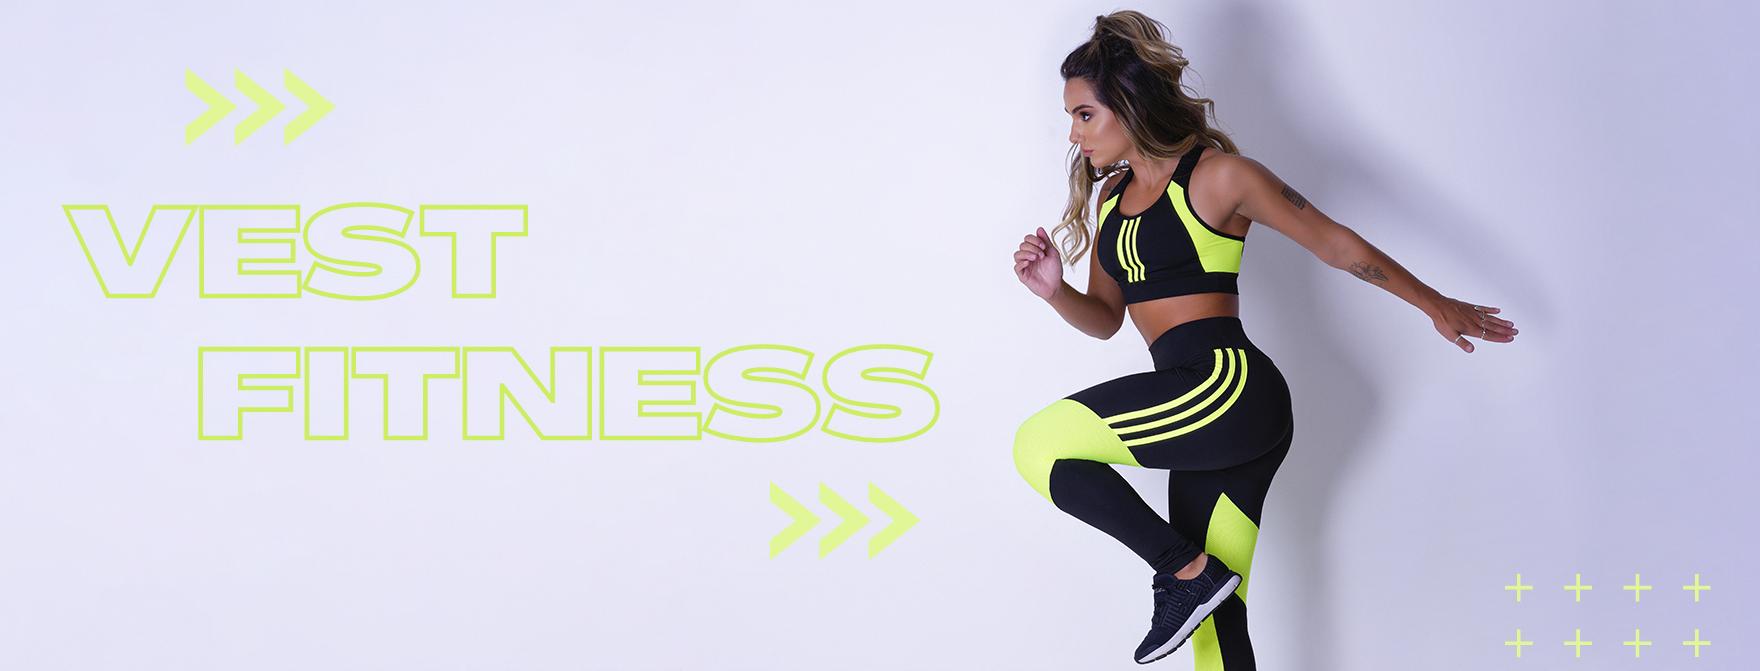 Vest Fitness